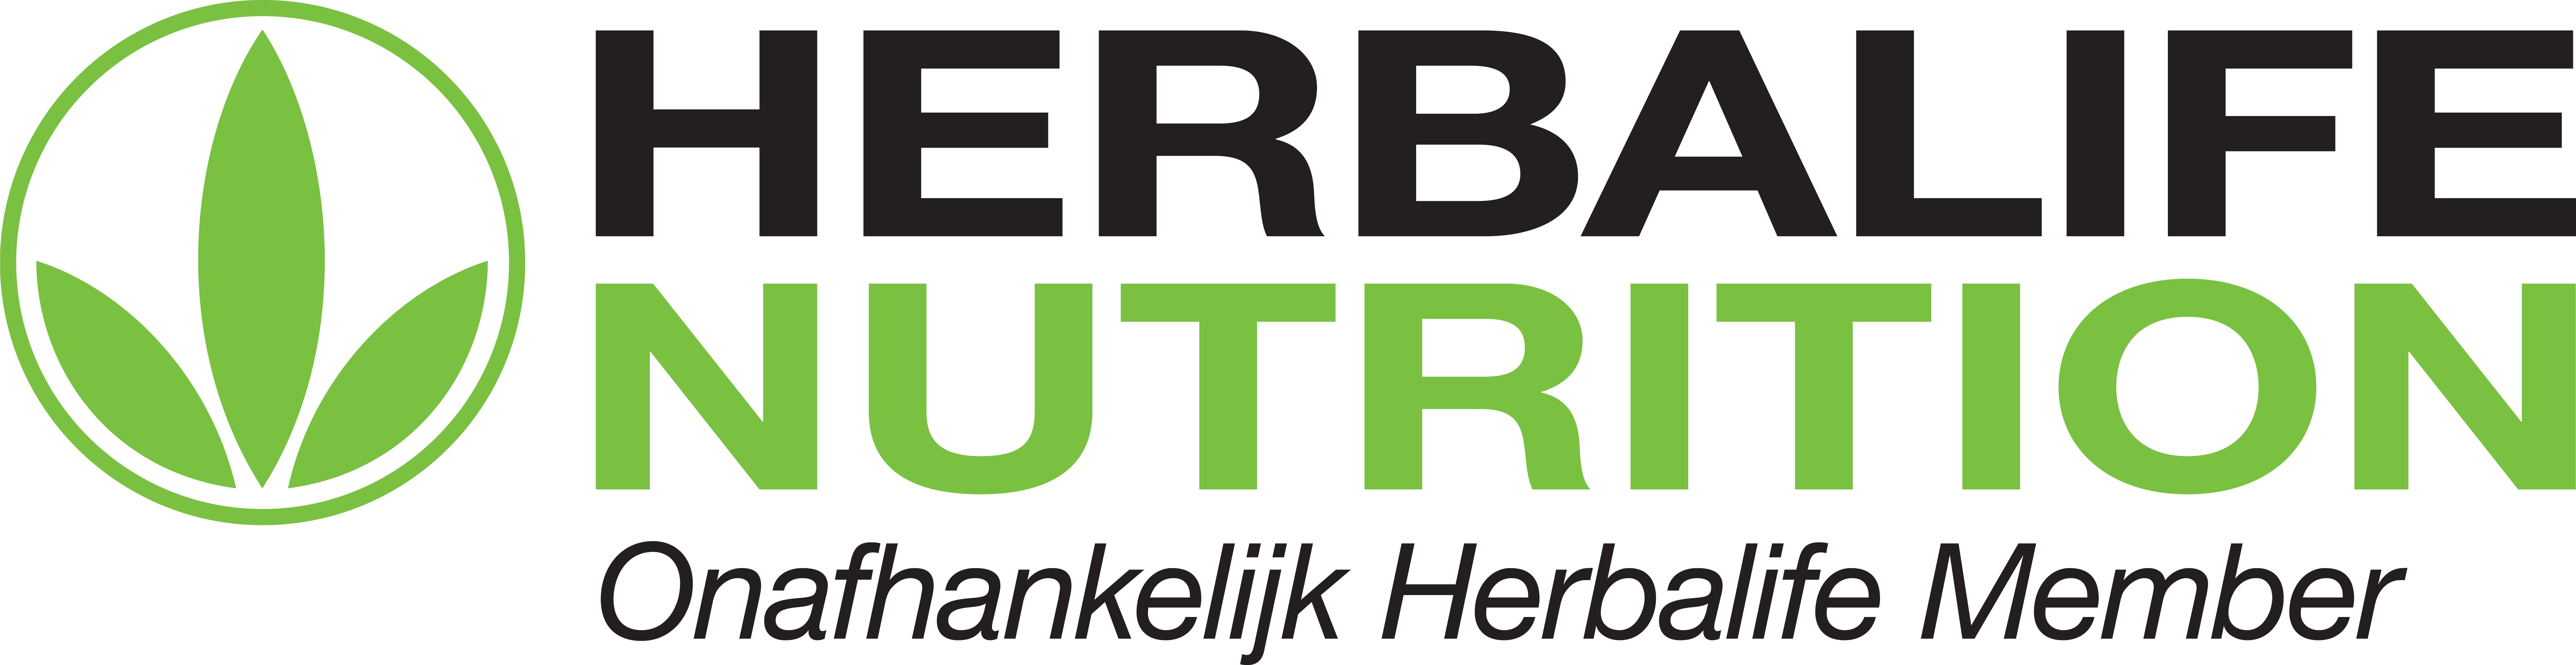 Goedkoop Herbalife kopen. Herbalife shake vanaf €29,40